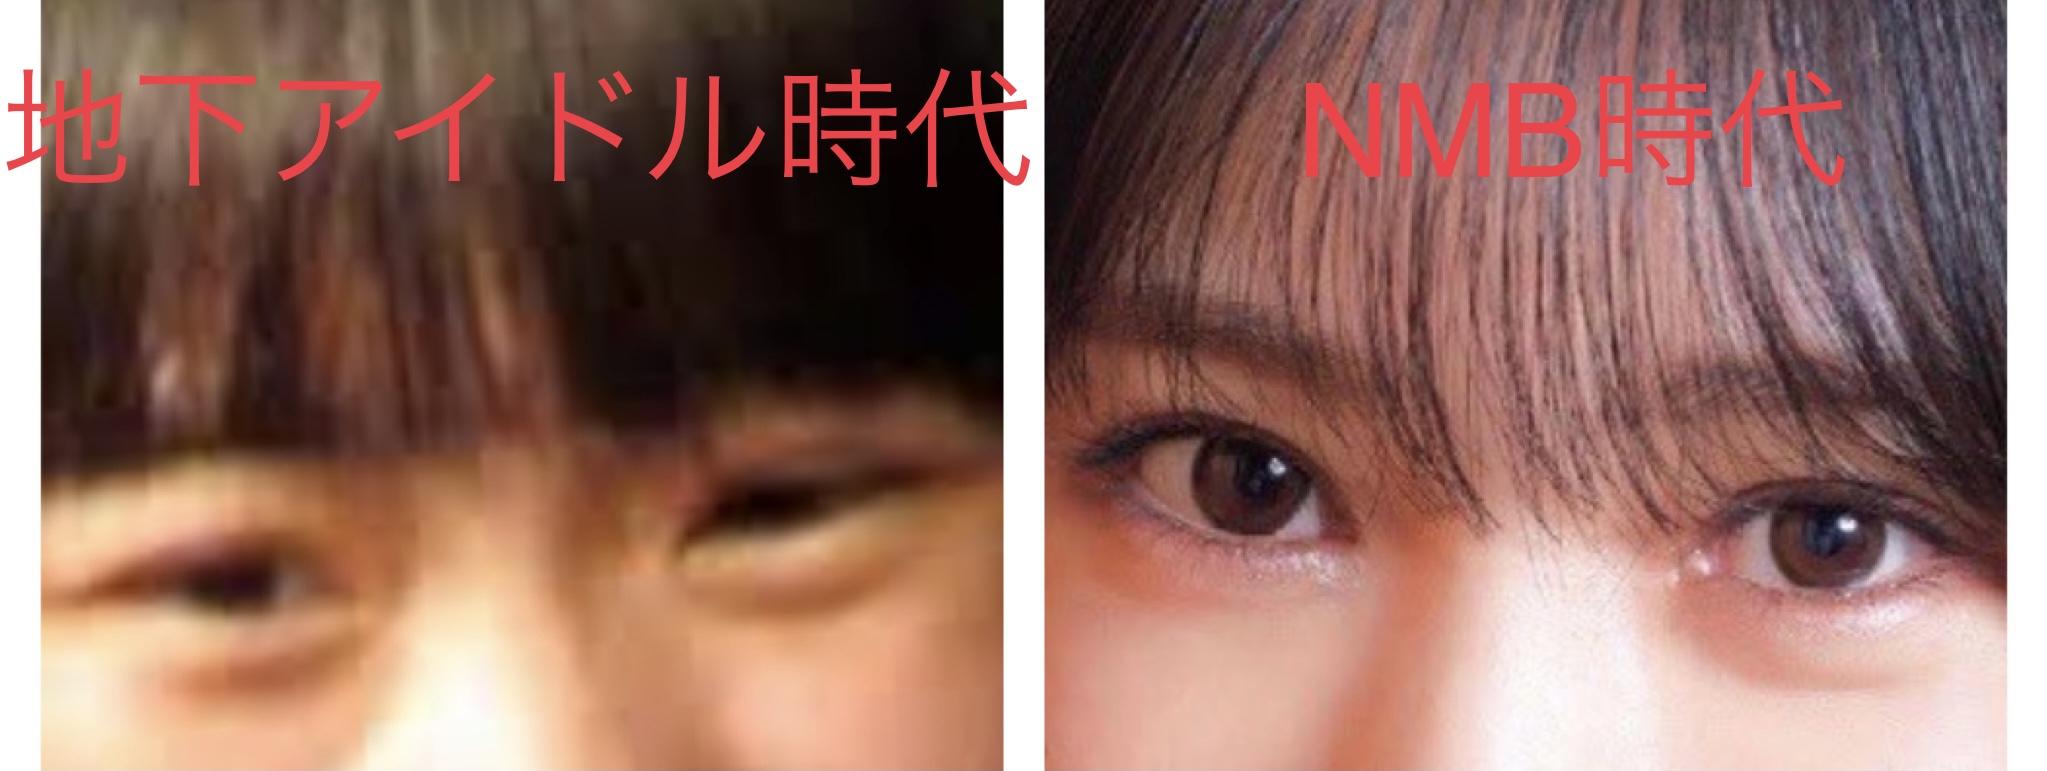 横野すみれの目は整形?